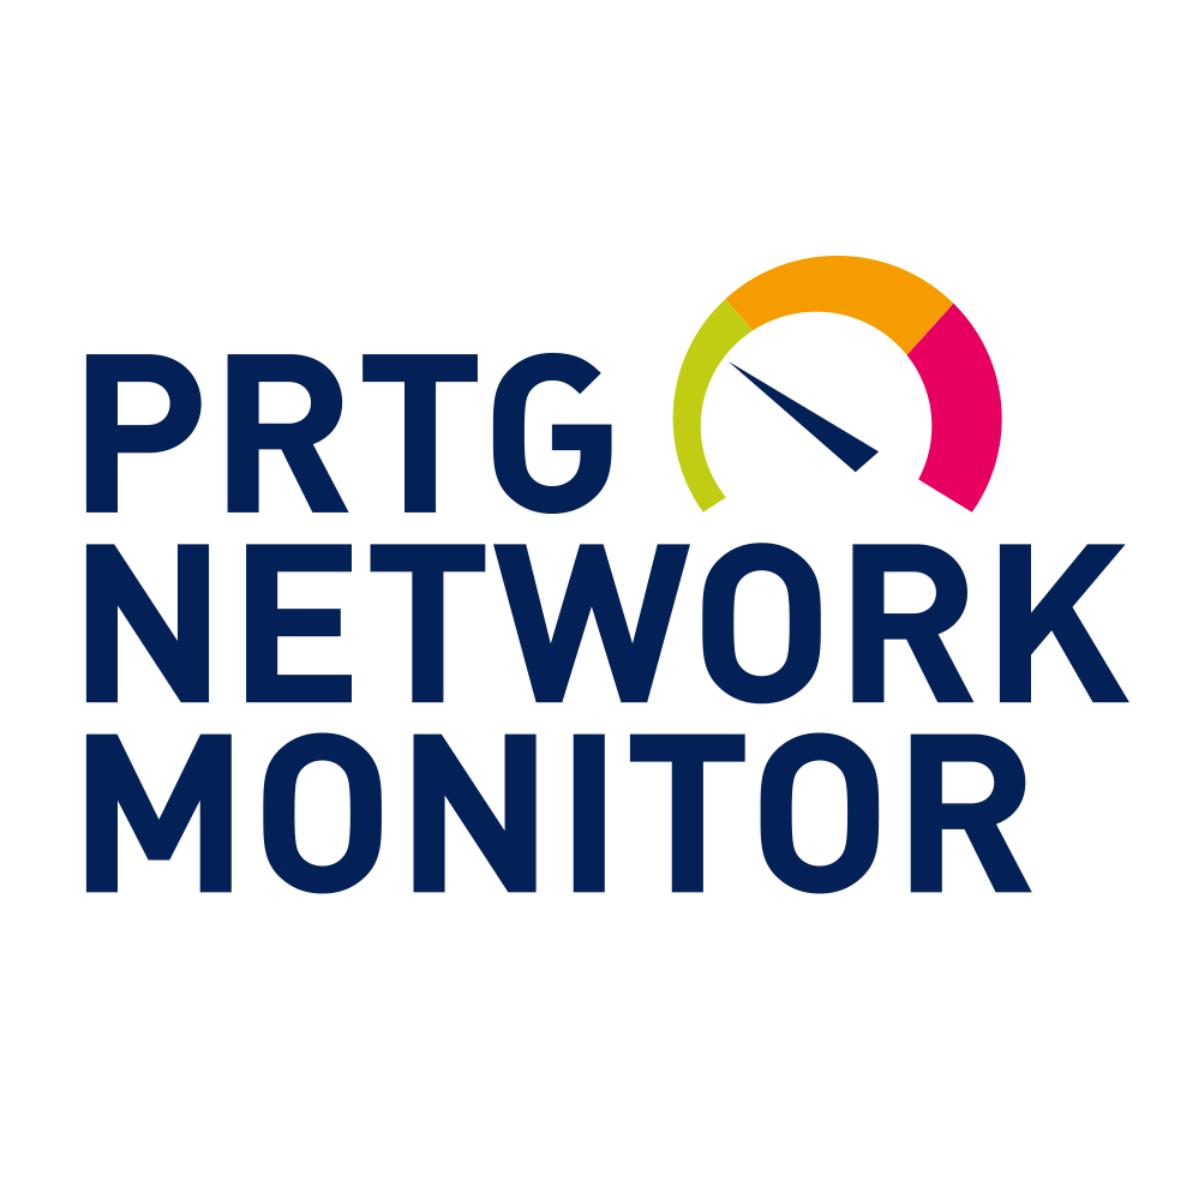 PRTG Network Monitor crack